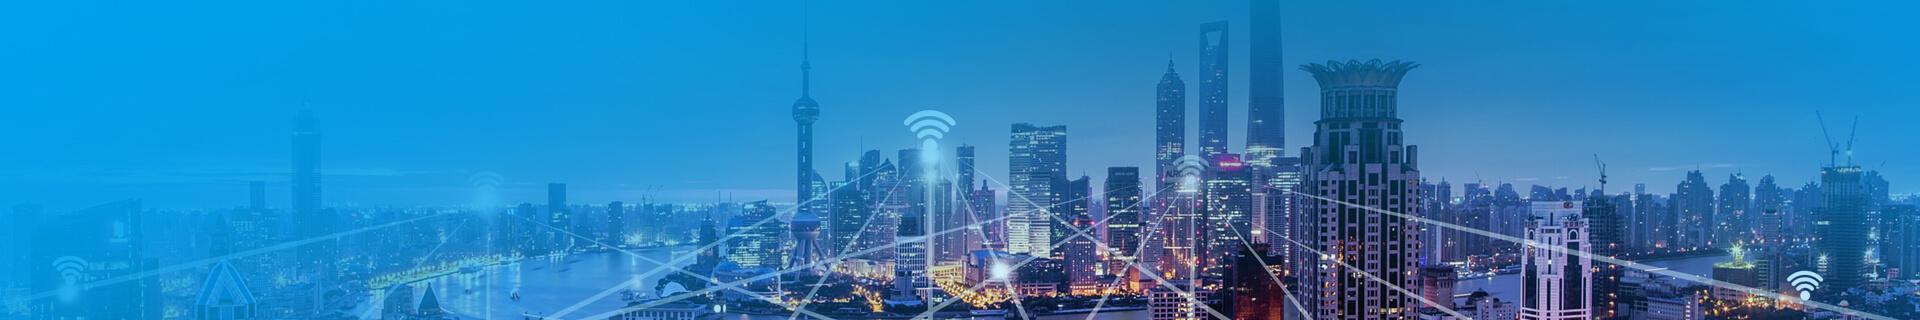 智慧网络 数据驱动新商业